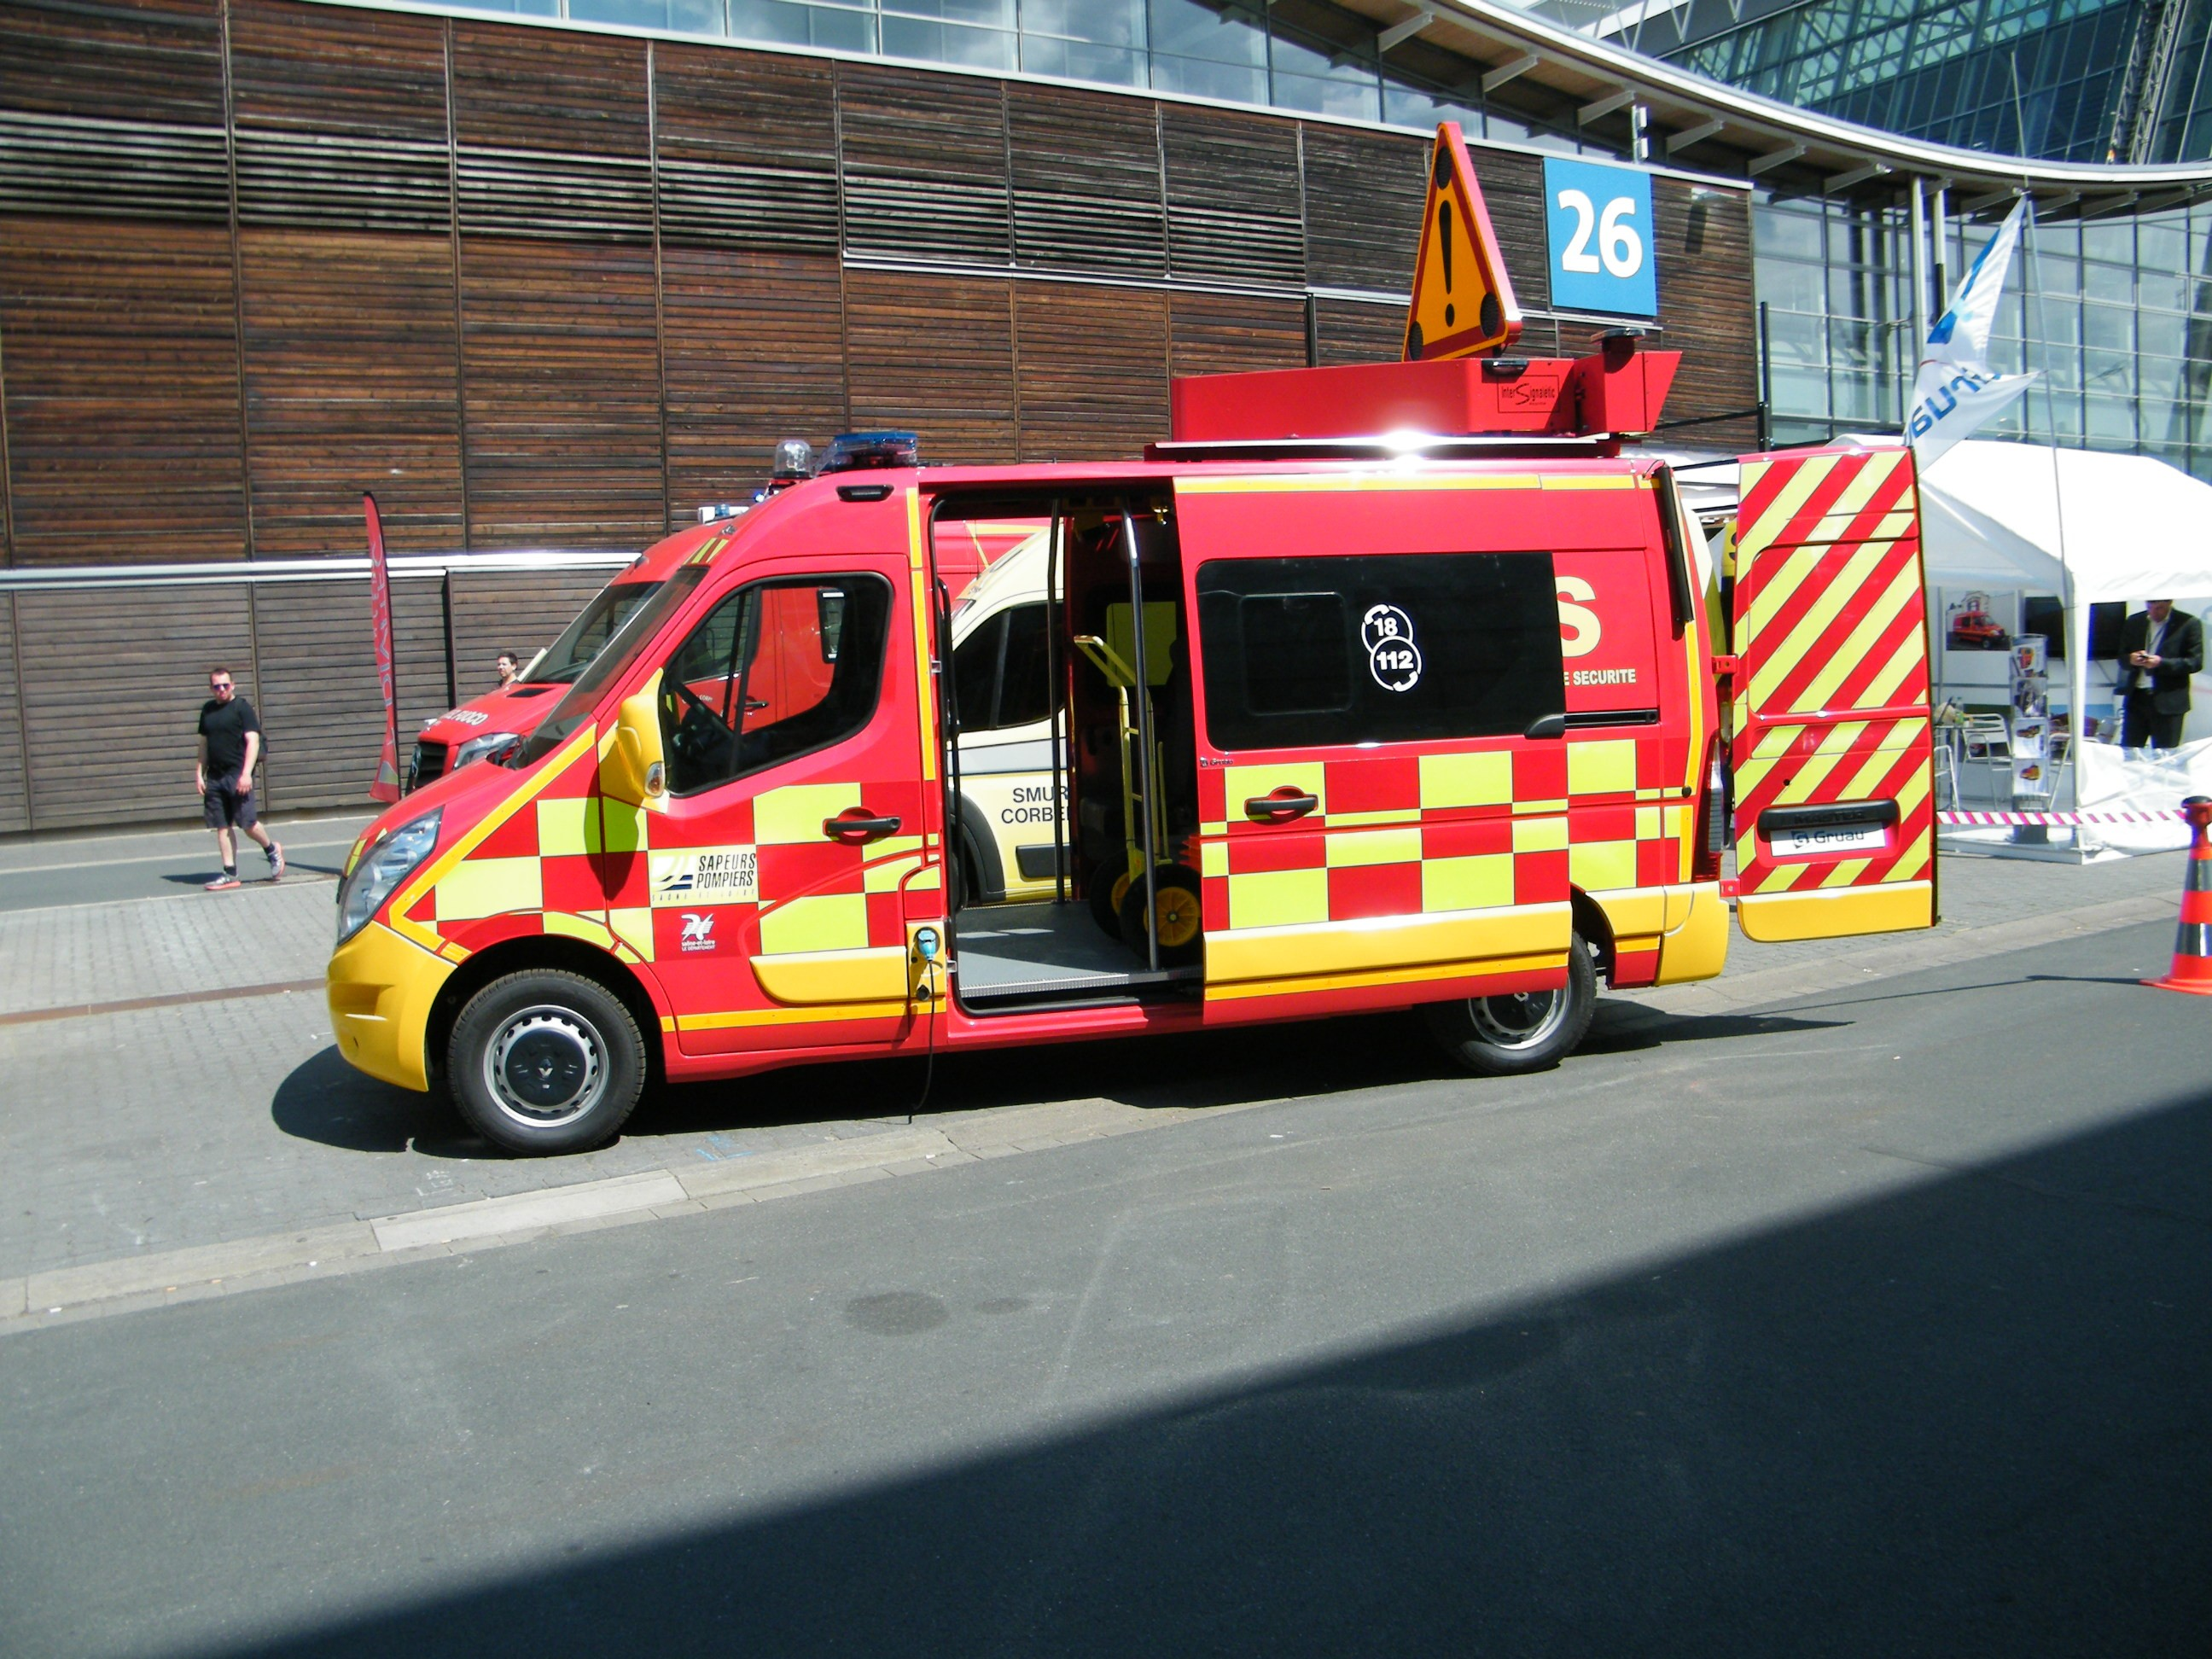 V hicules des pompiers fran ais page 1728 auto titre - Caserne de police playmobil ...